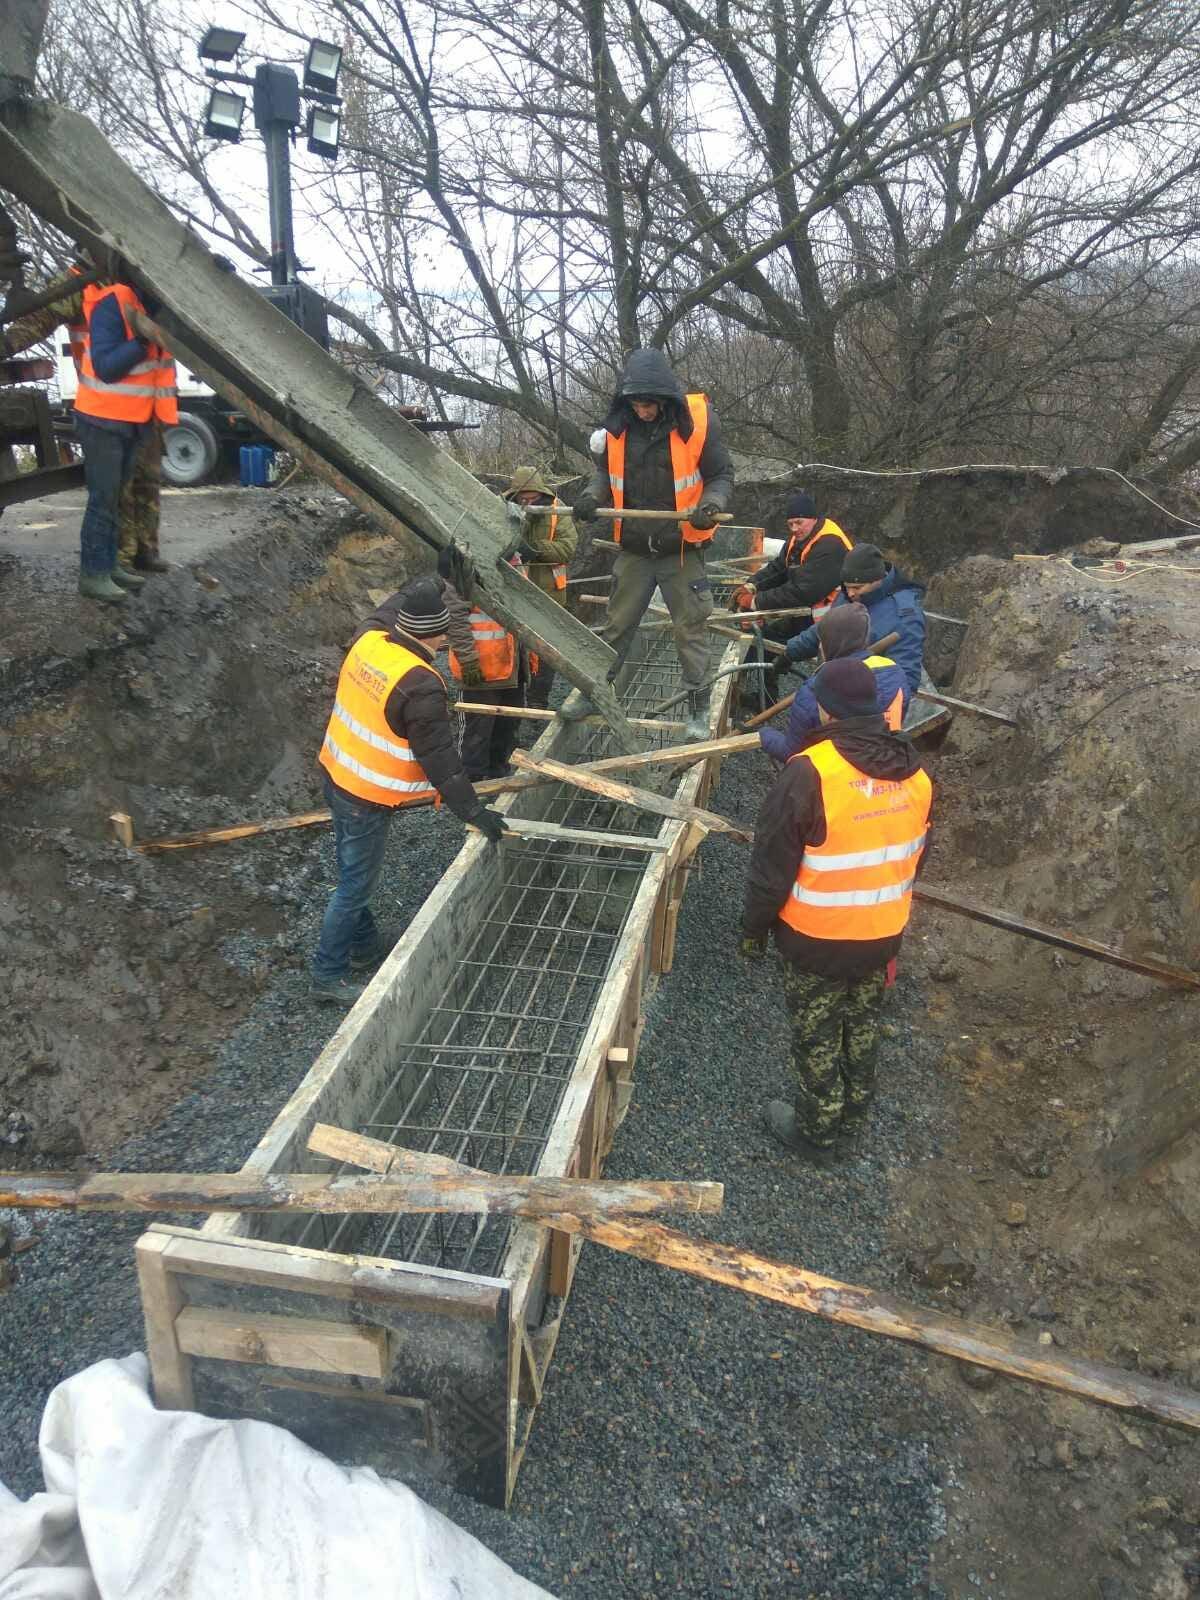 У Кагарлику вперше за 59 років ремонтують шляхопровід - шляхопровід, ремонтні роботи, реконструкція, капітальний ремонт доріг - 131888716 1104453153322054 2869633615624999017 o